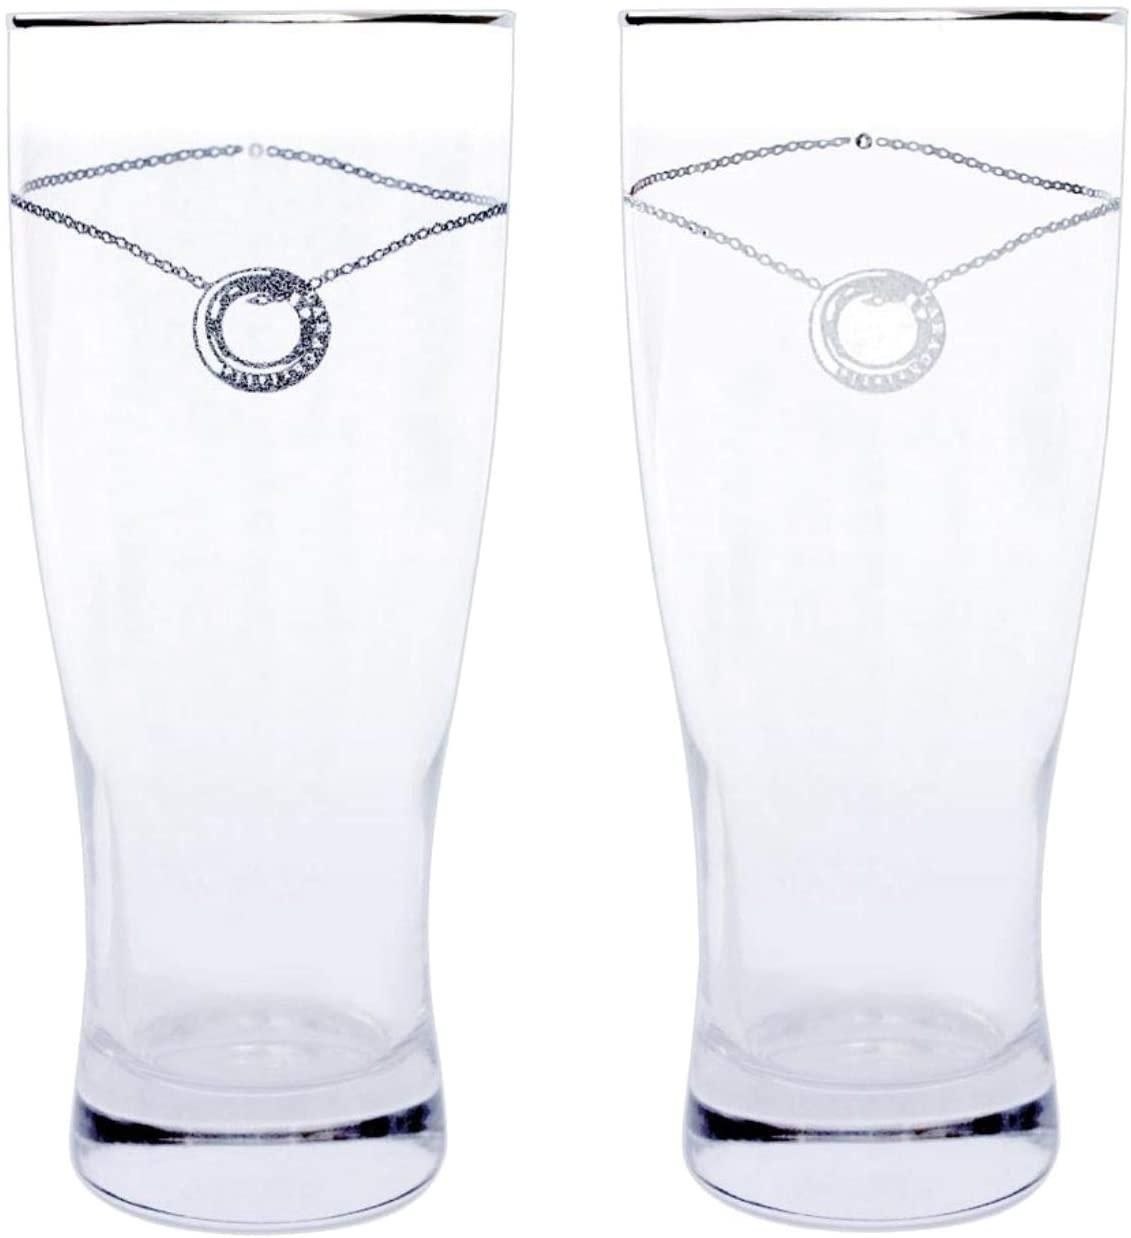 LARA Christie(ララクリスティー) ビアグラス タンブラー ペアの商品画像3